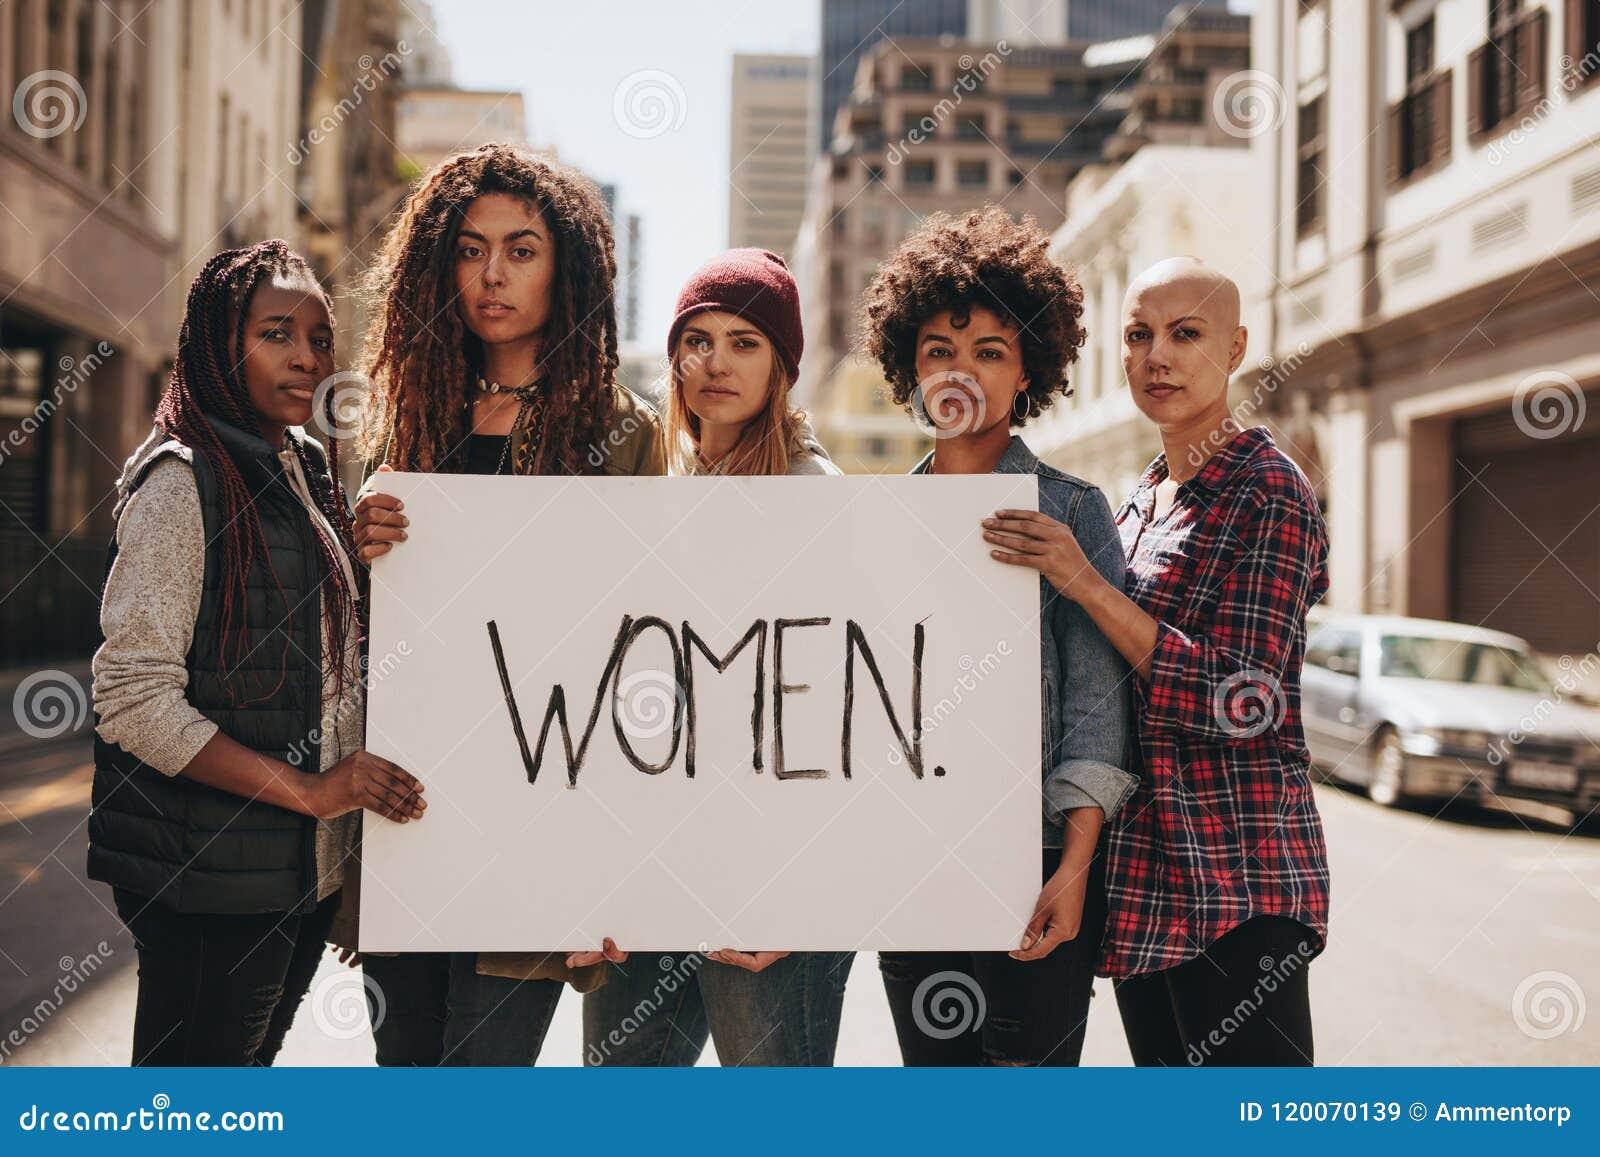 Activist die voor vrouwenrechten protesteren